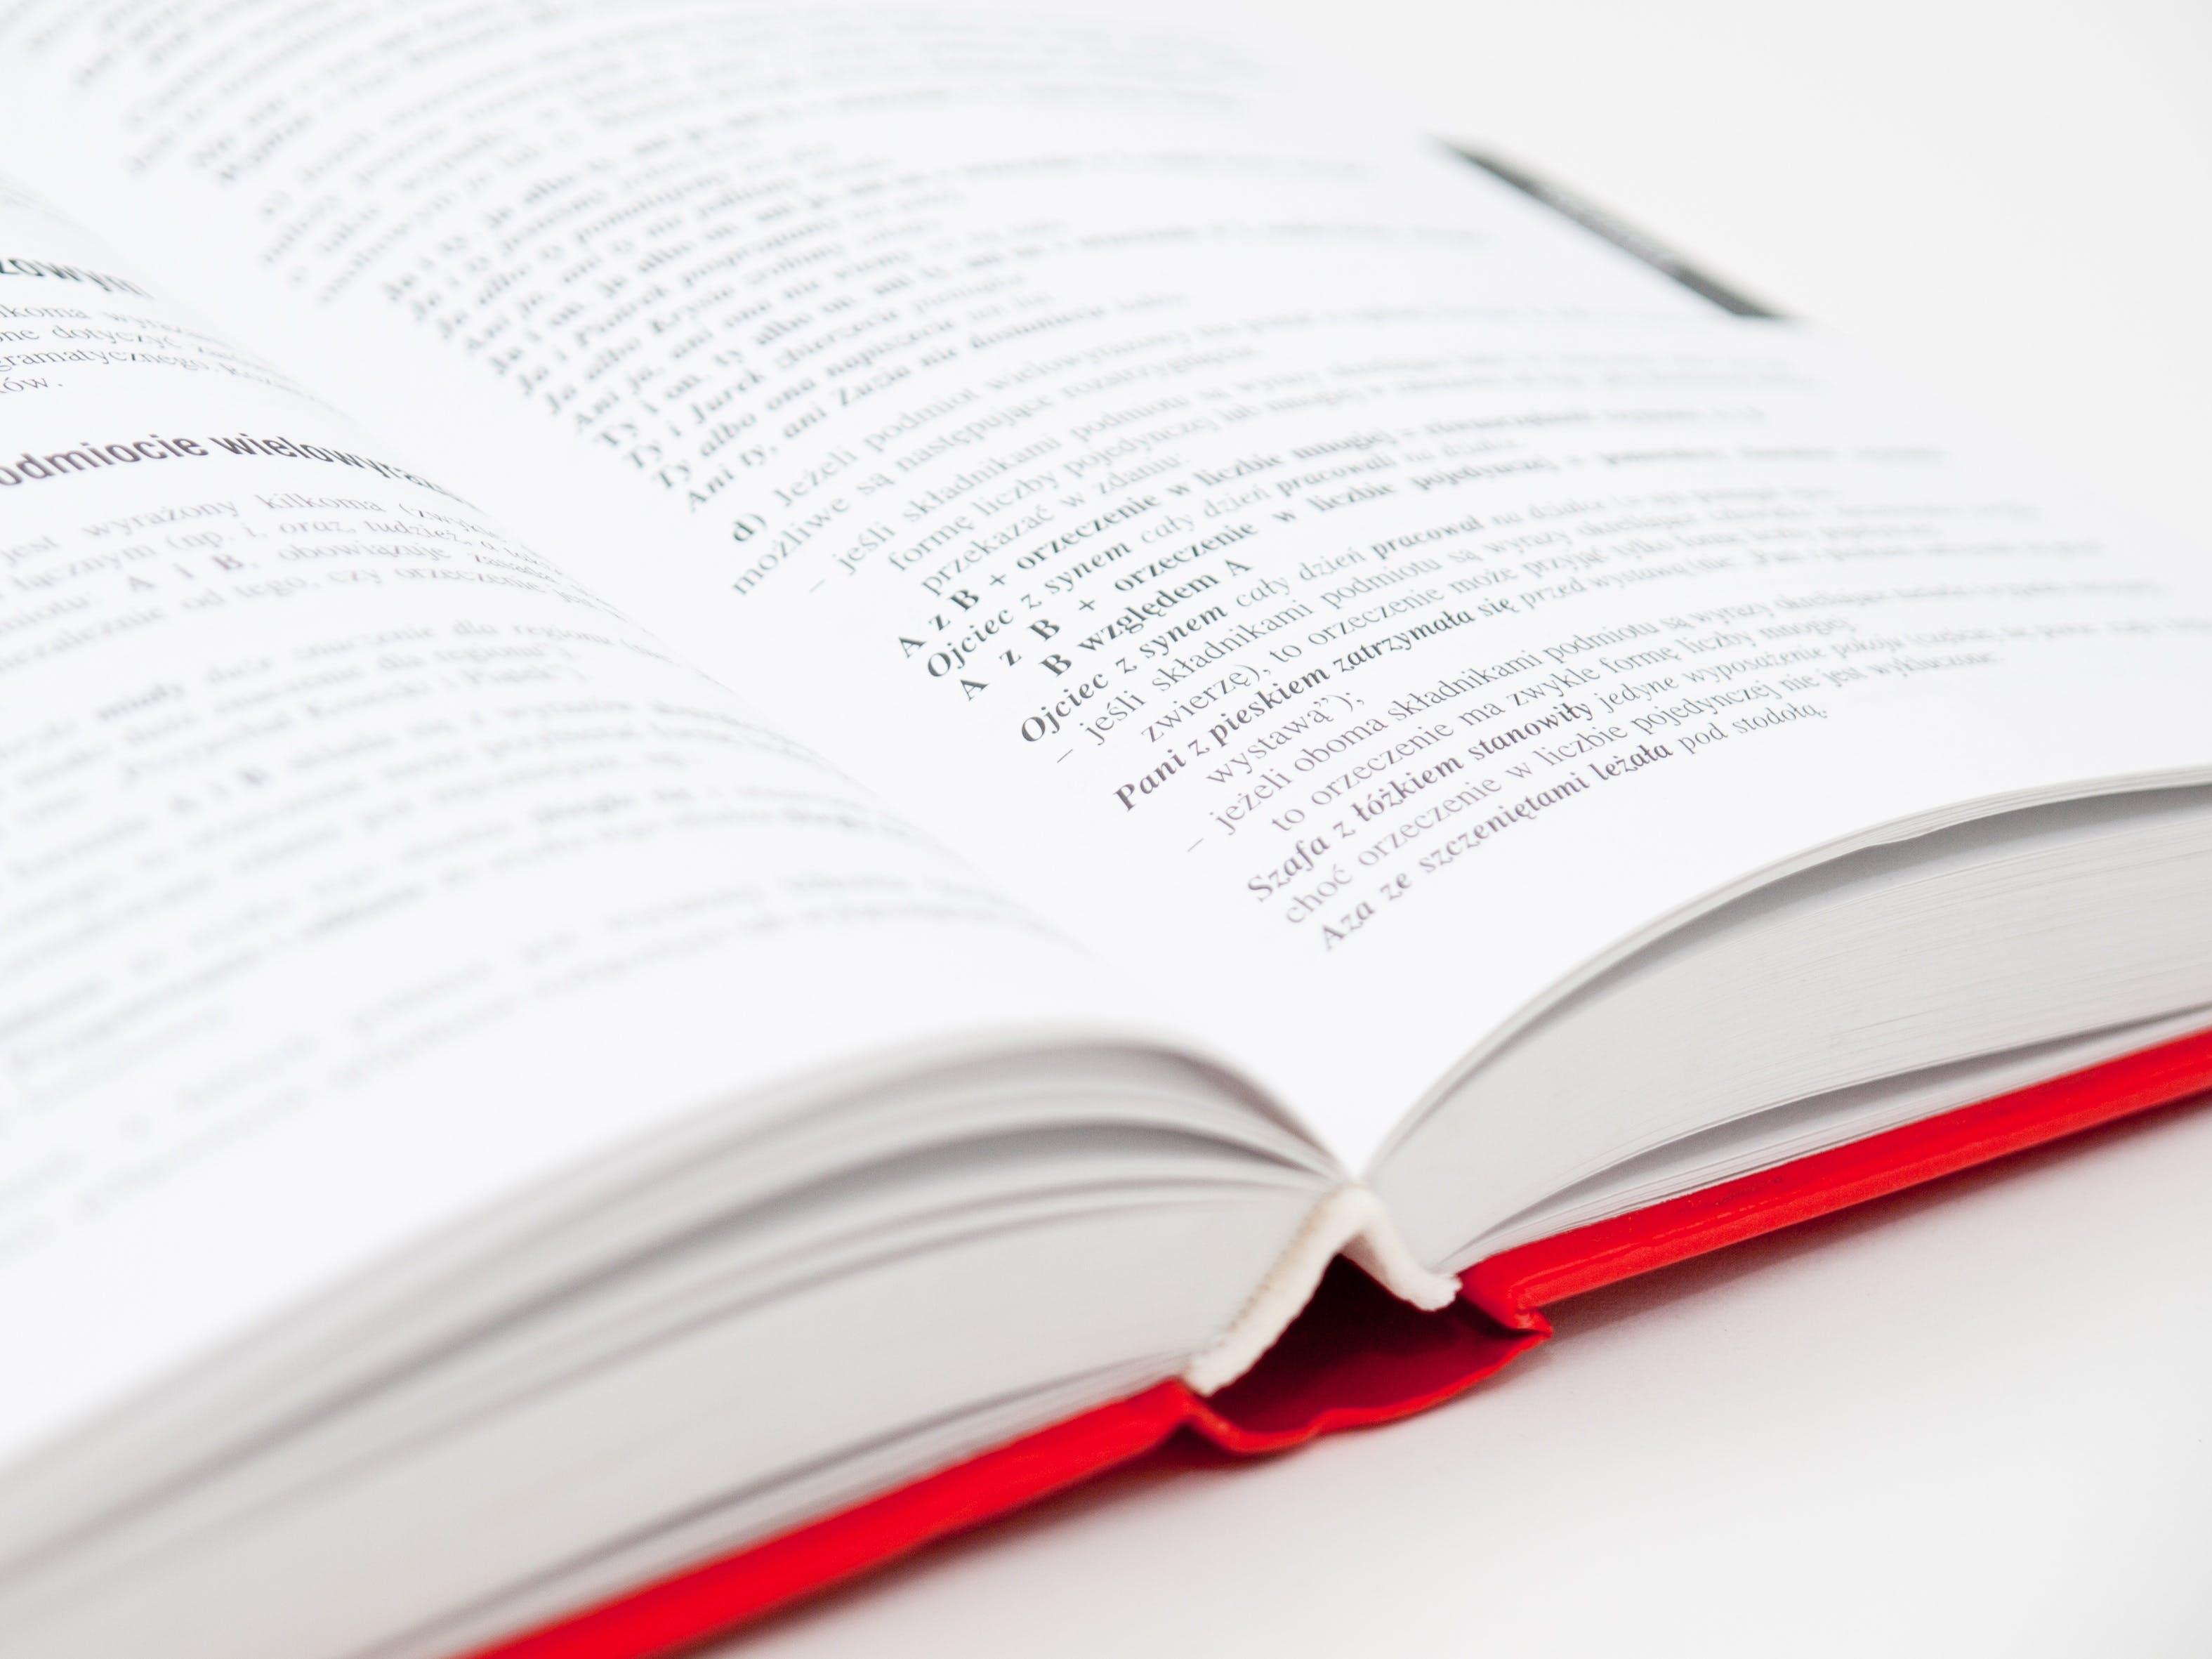 小学英语试题的分析与反思 怎么选才正确